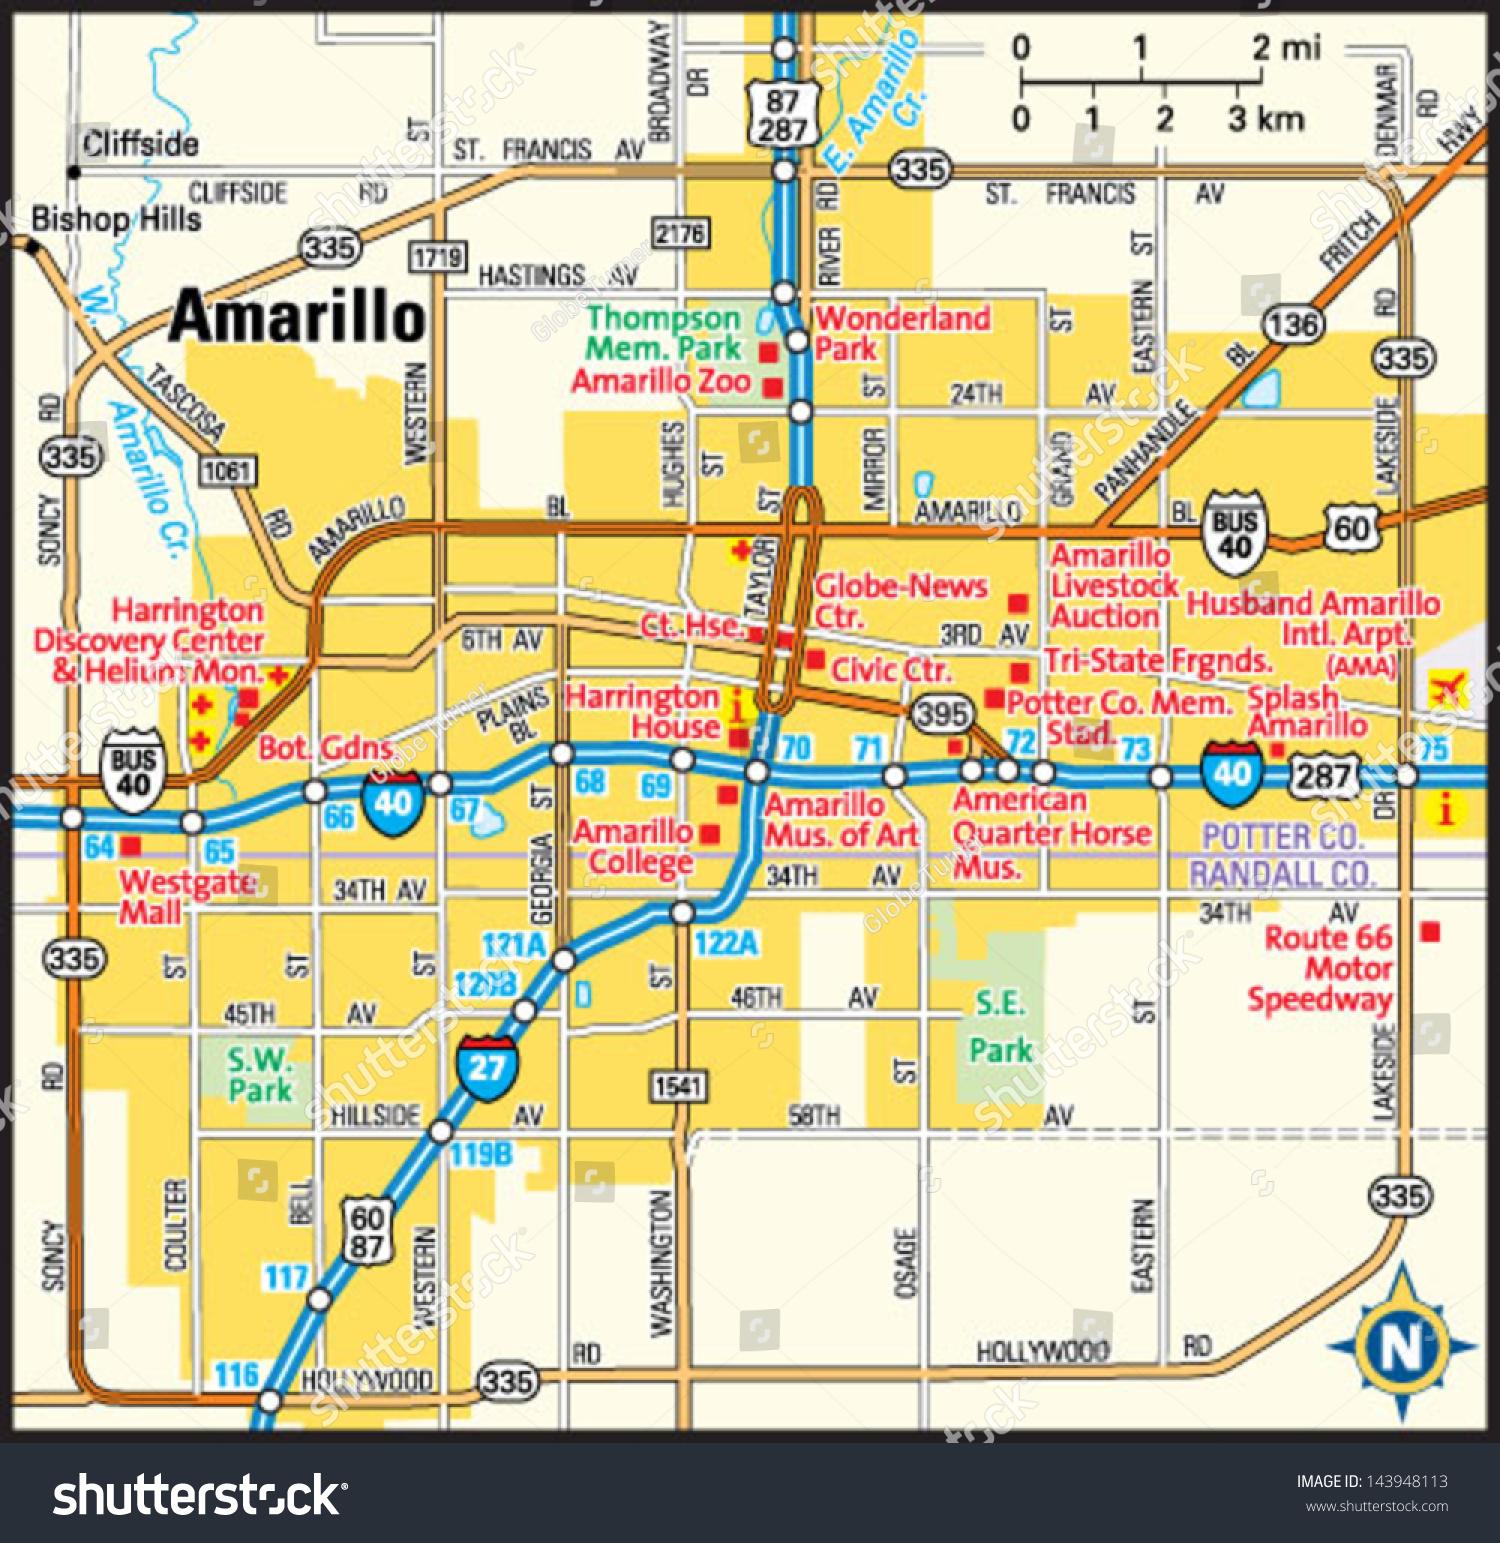 Amarillo Texas Area Map Image Vectorielle De Stock (Libre De Droits - Where Is Amarillo On The Texas Map